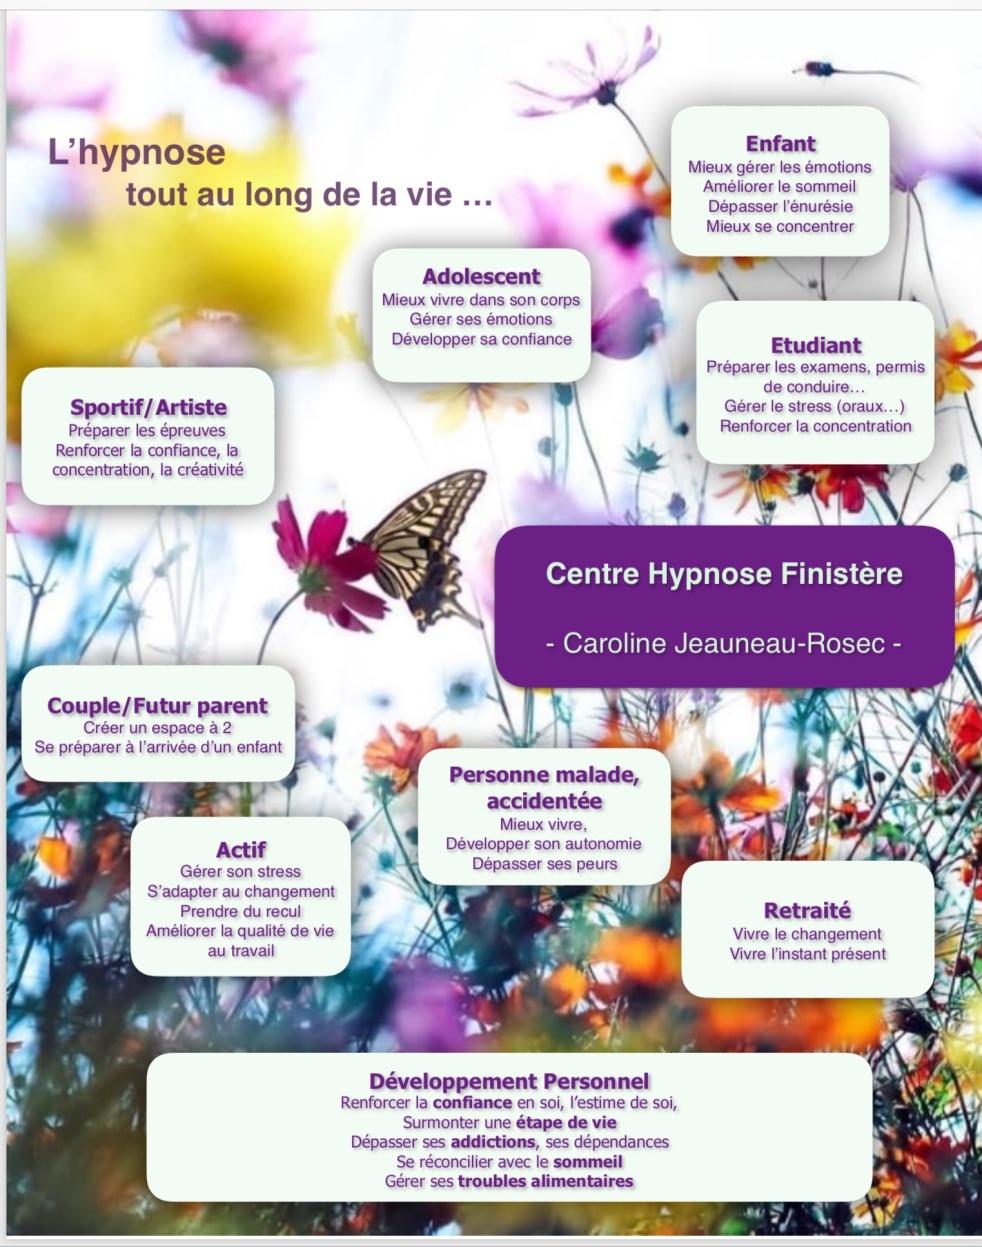 Hypnose tout au long de la vie